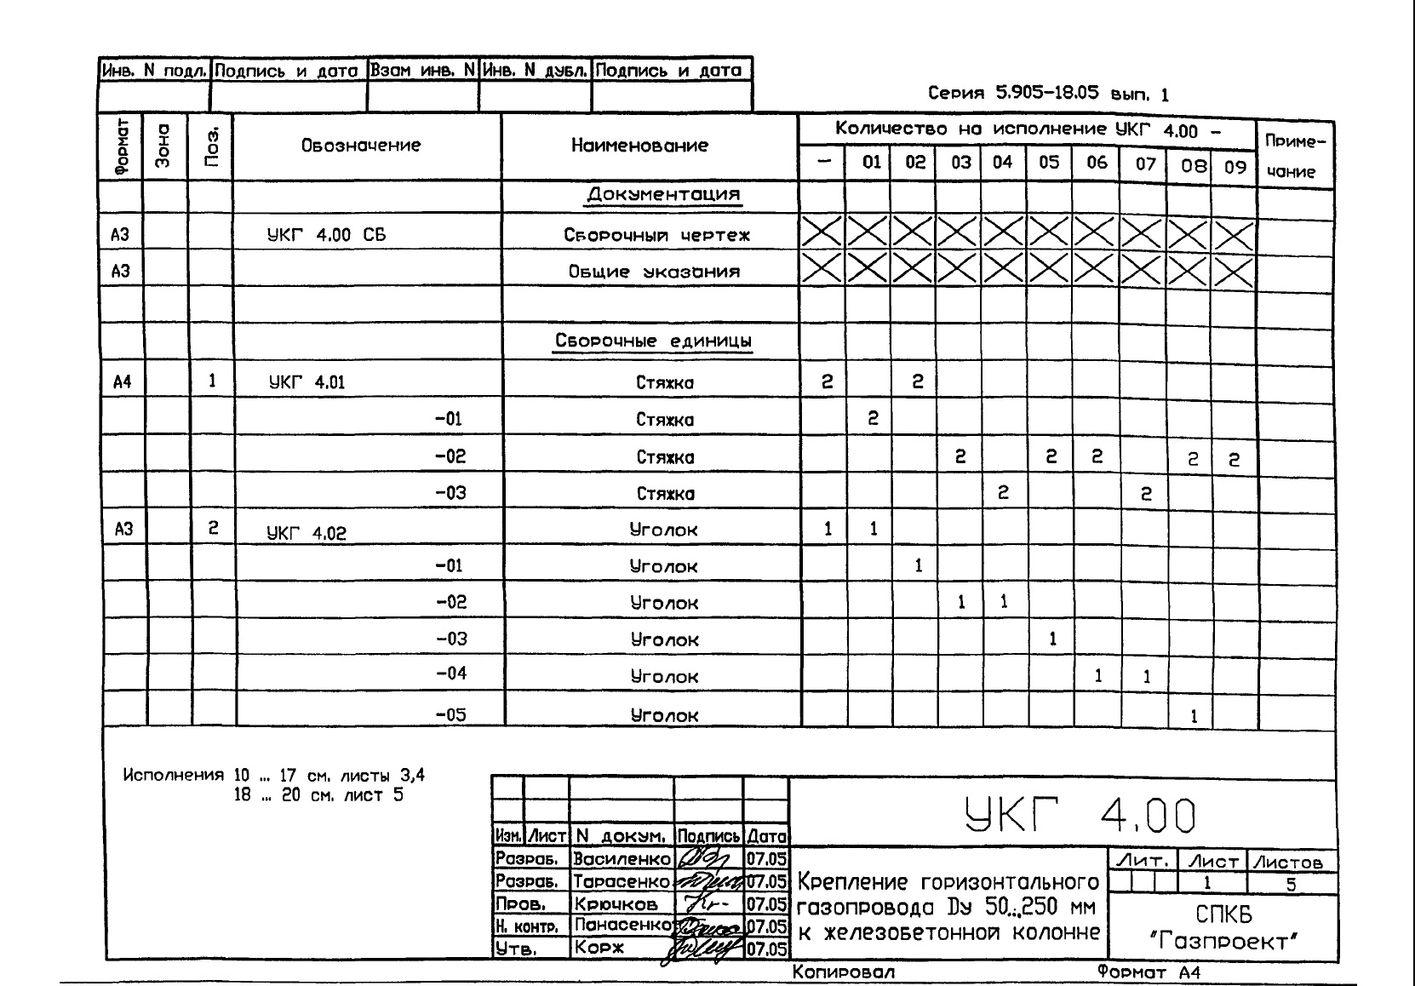 Крепление горизонтального газопровода Ду 50...250 мм к железобетонной колонне УКГ 4.00 СБ серия 5.905-18.05 выпуск 1 стр.2